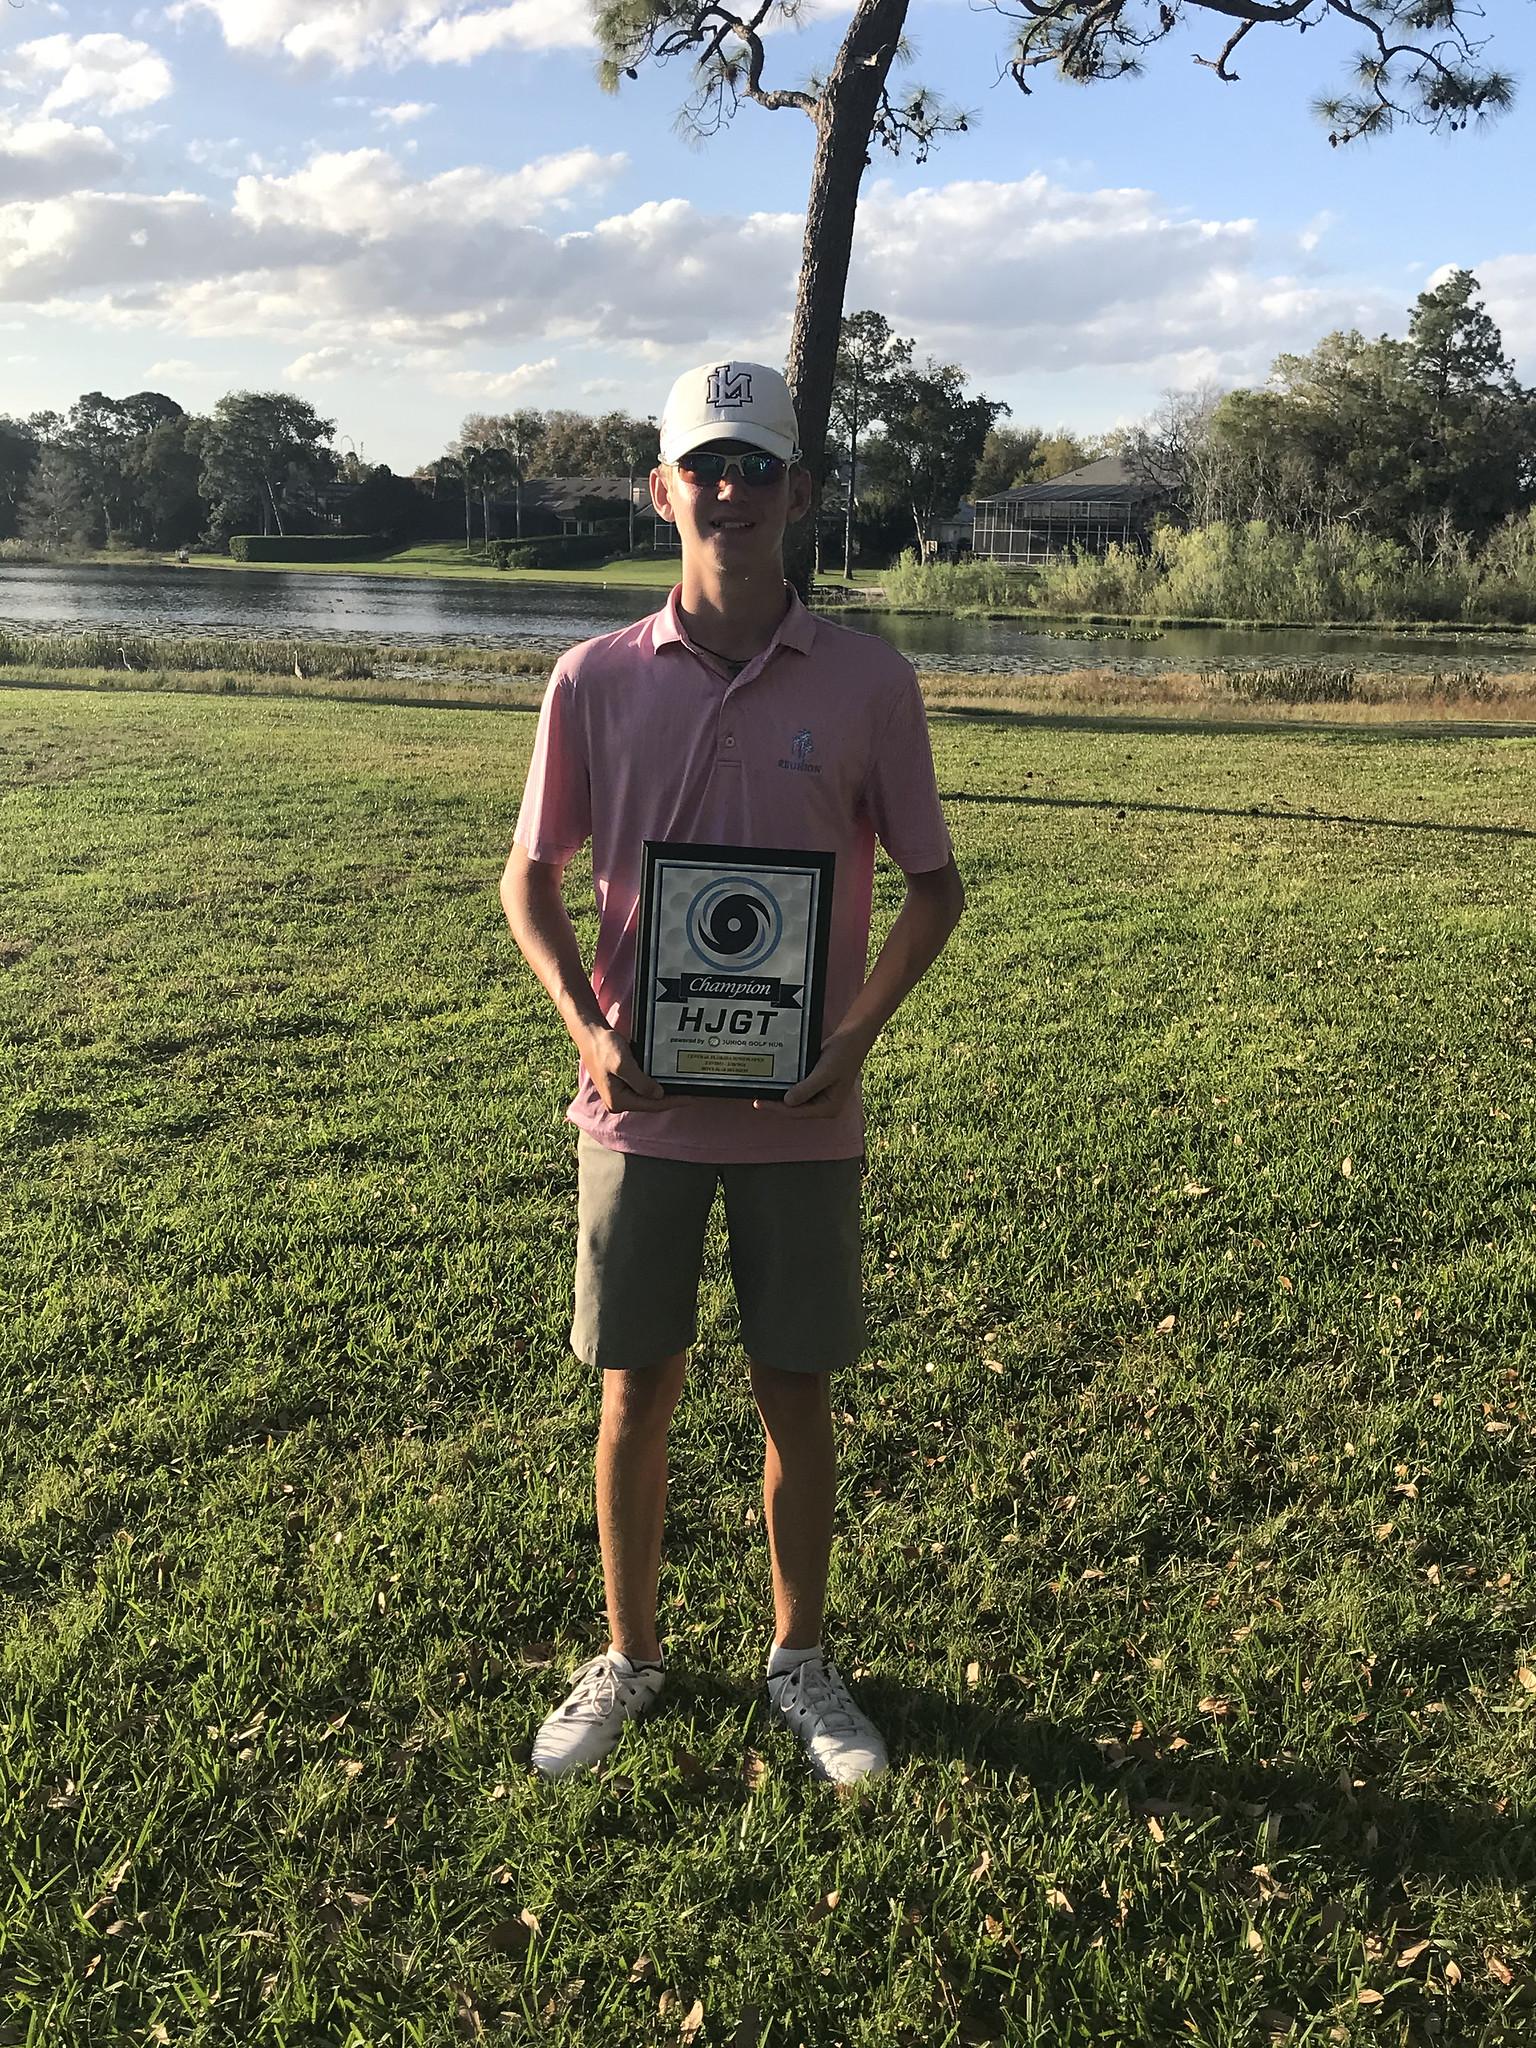 Central Florida Junior Open (Boys 14-15 & Boys 16-18)